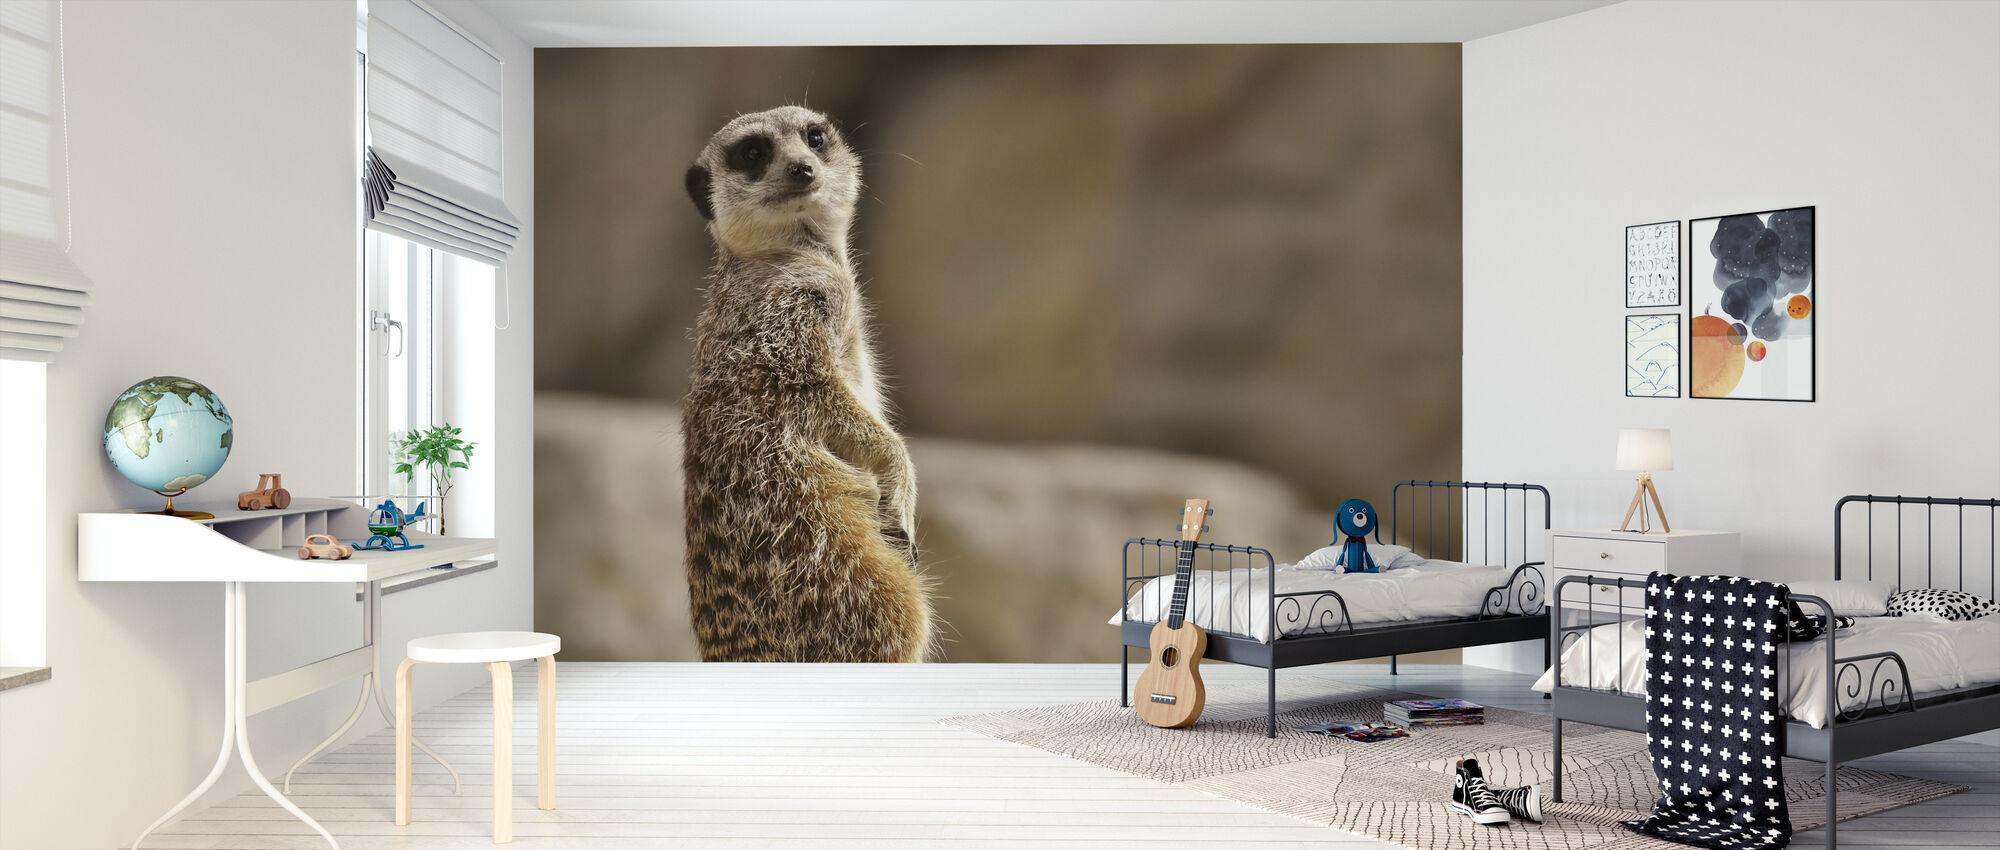 Meerkat in Tiergarten Zoo - Wallpaper - Kids Room